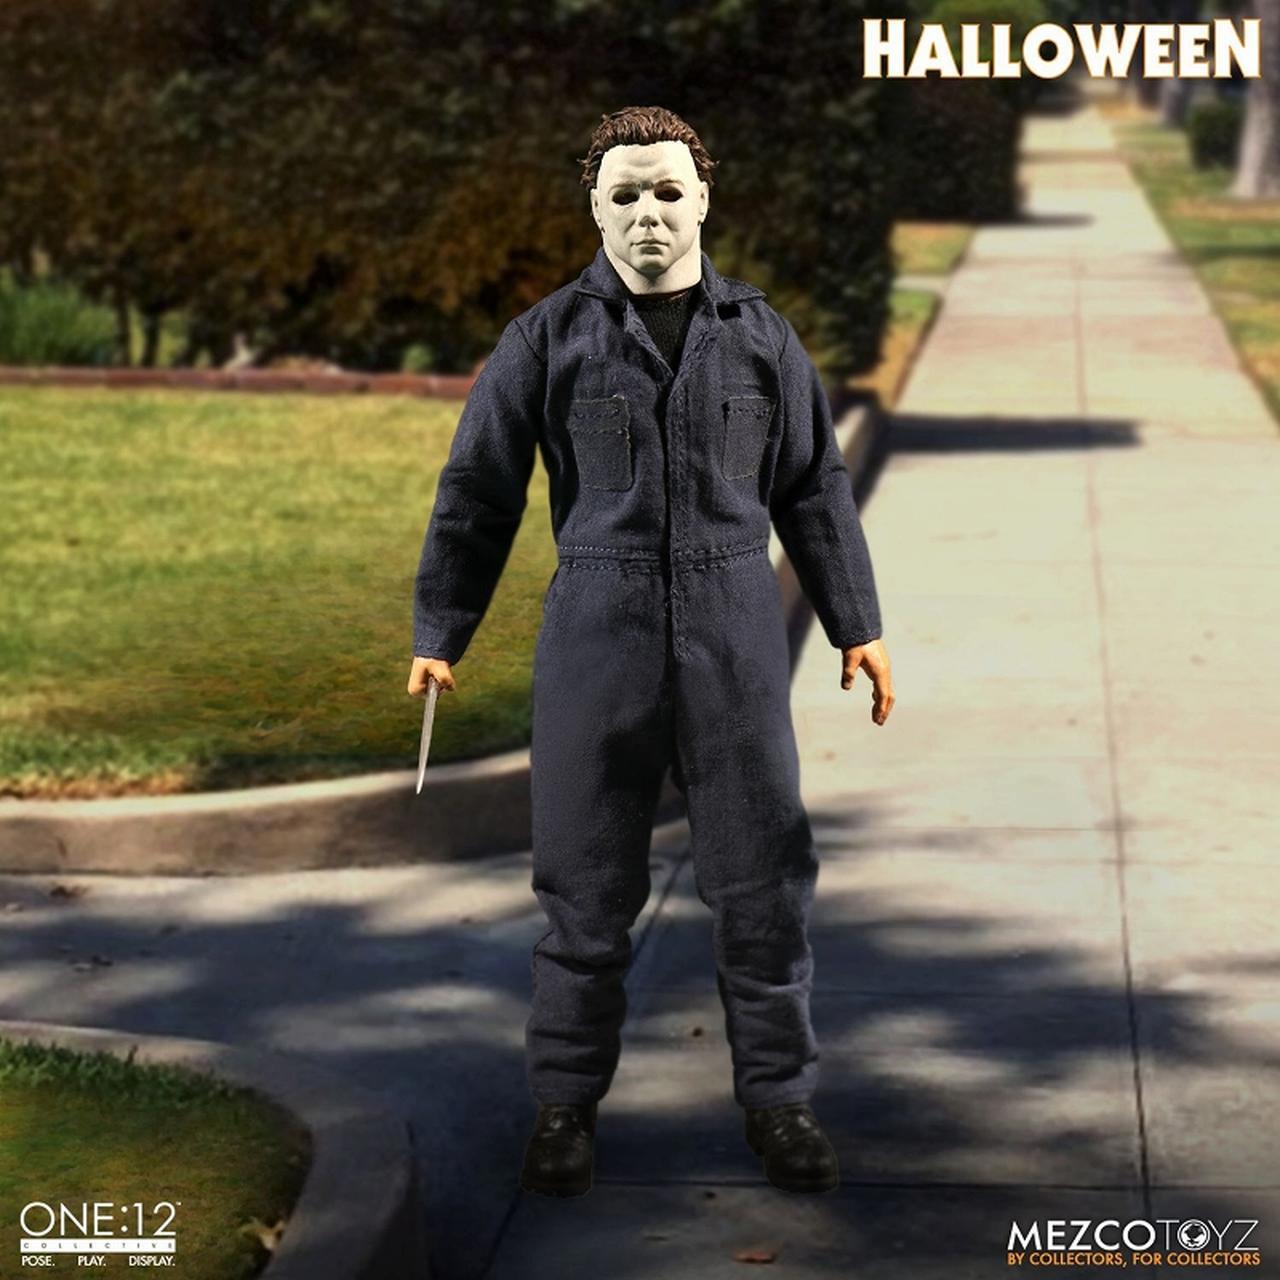 画像1: 「ハロウィン」からマイケル・マイヤーズが 劇中の不気味な印象そのままにフィギュア化!